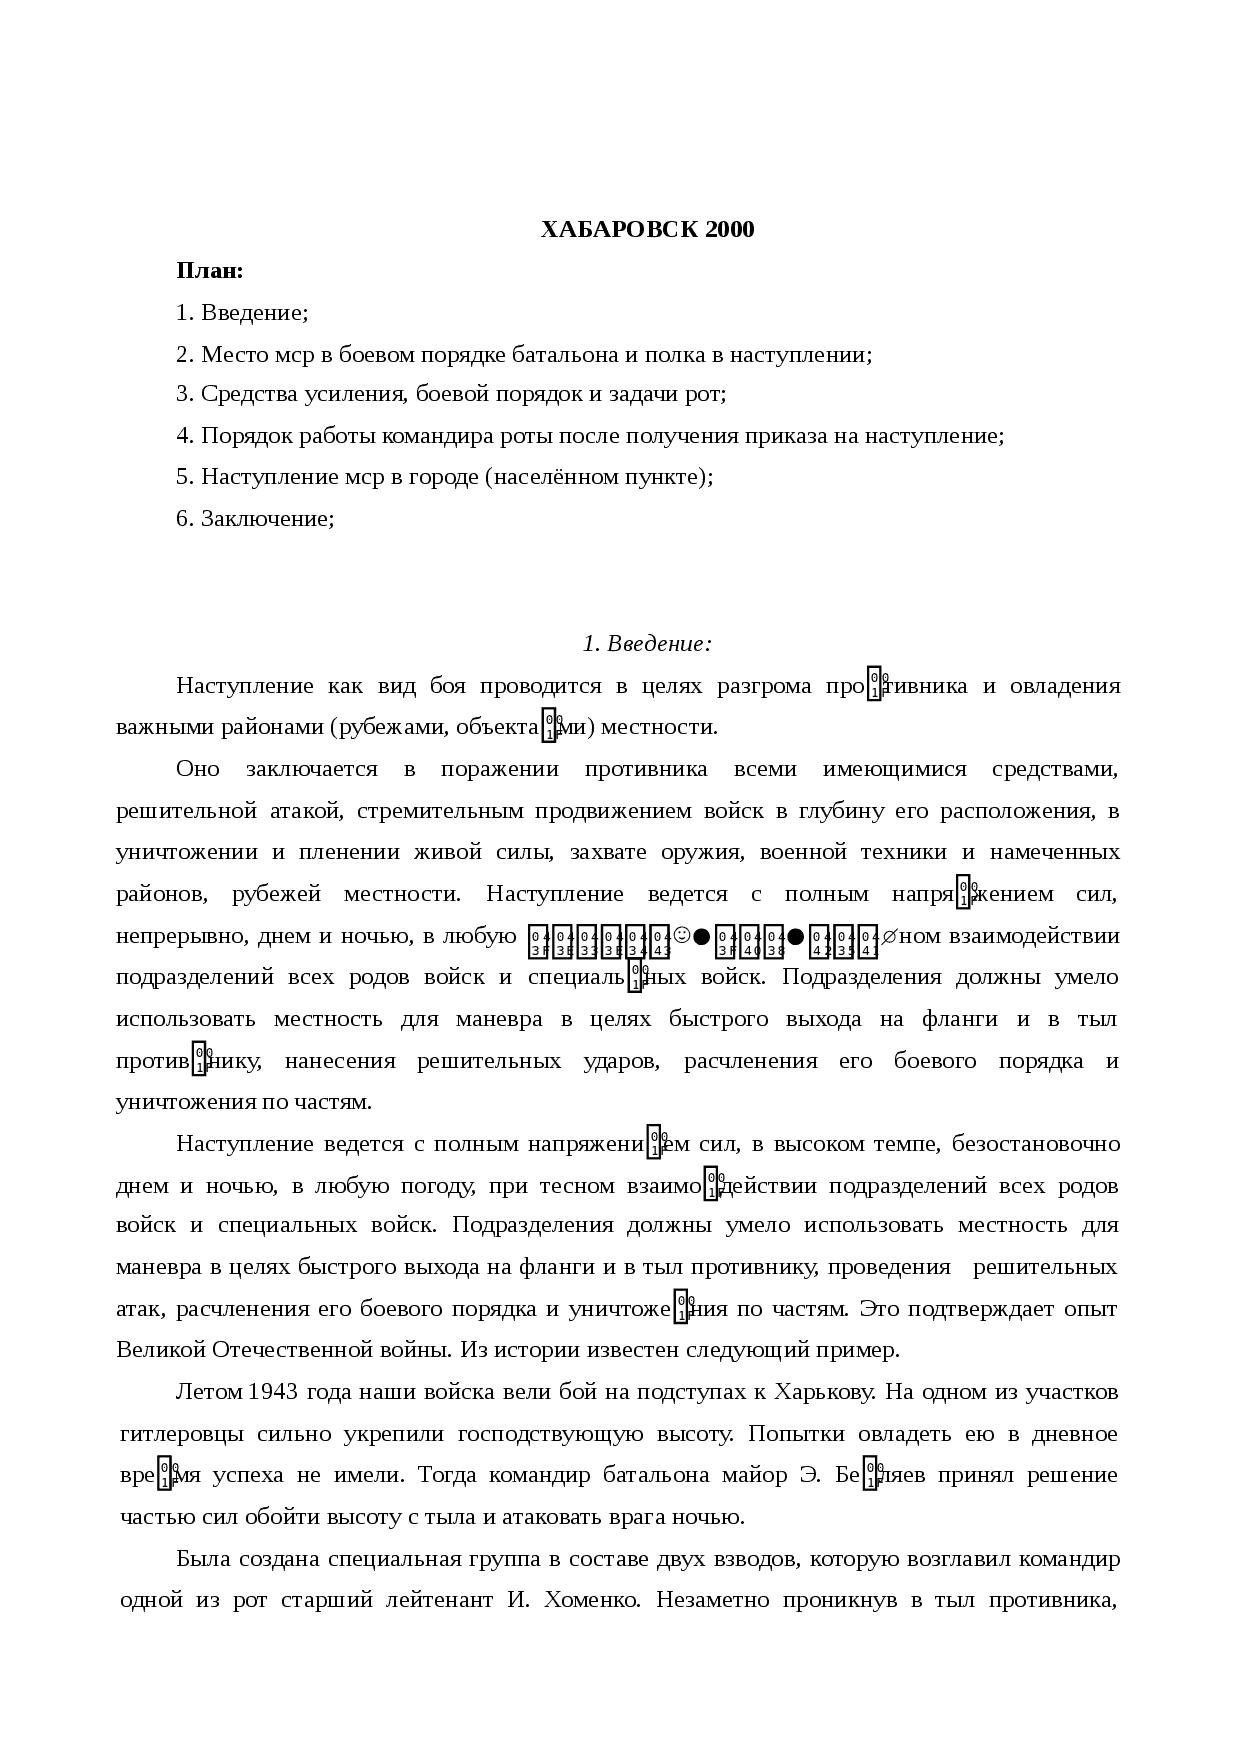 Глава первая. наступление и оборона. о войне